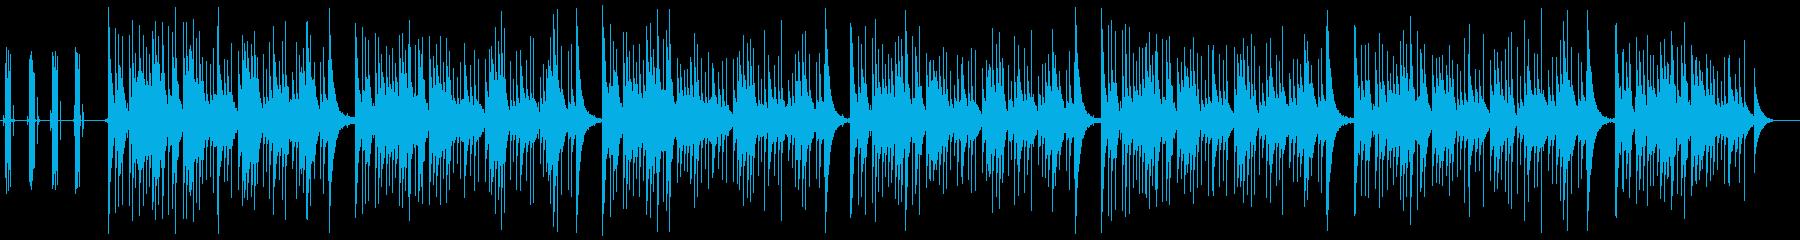 【生録音】オルゴール-カノン-02の再生済みの波形